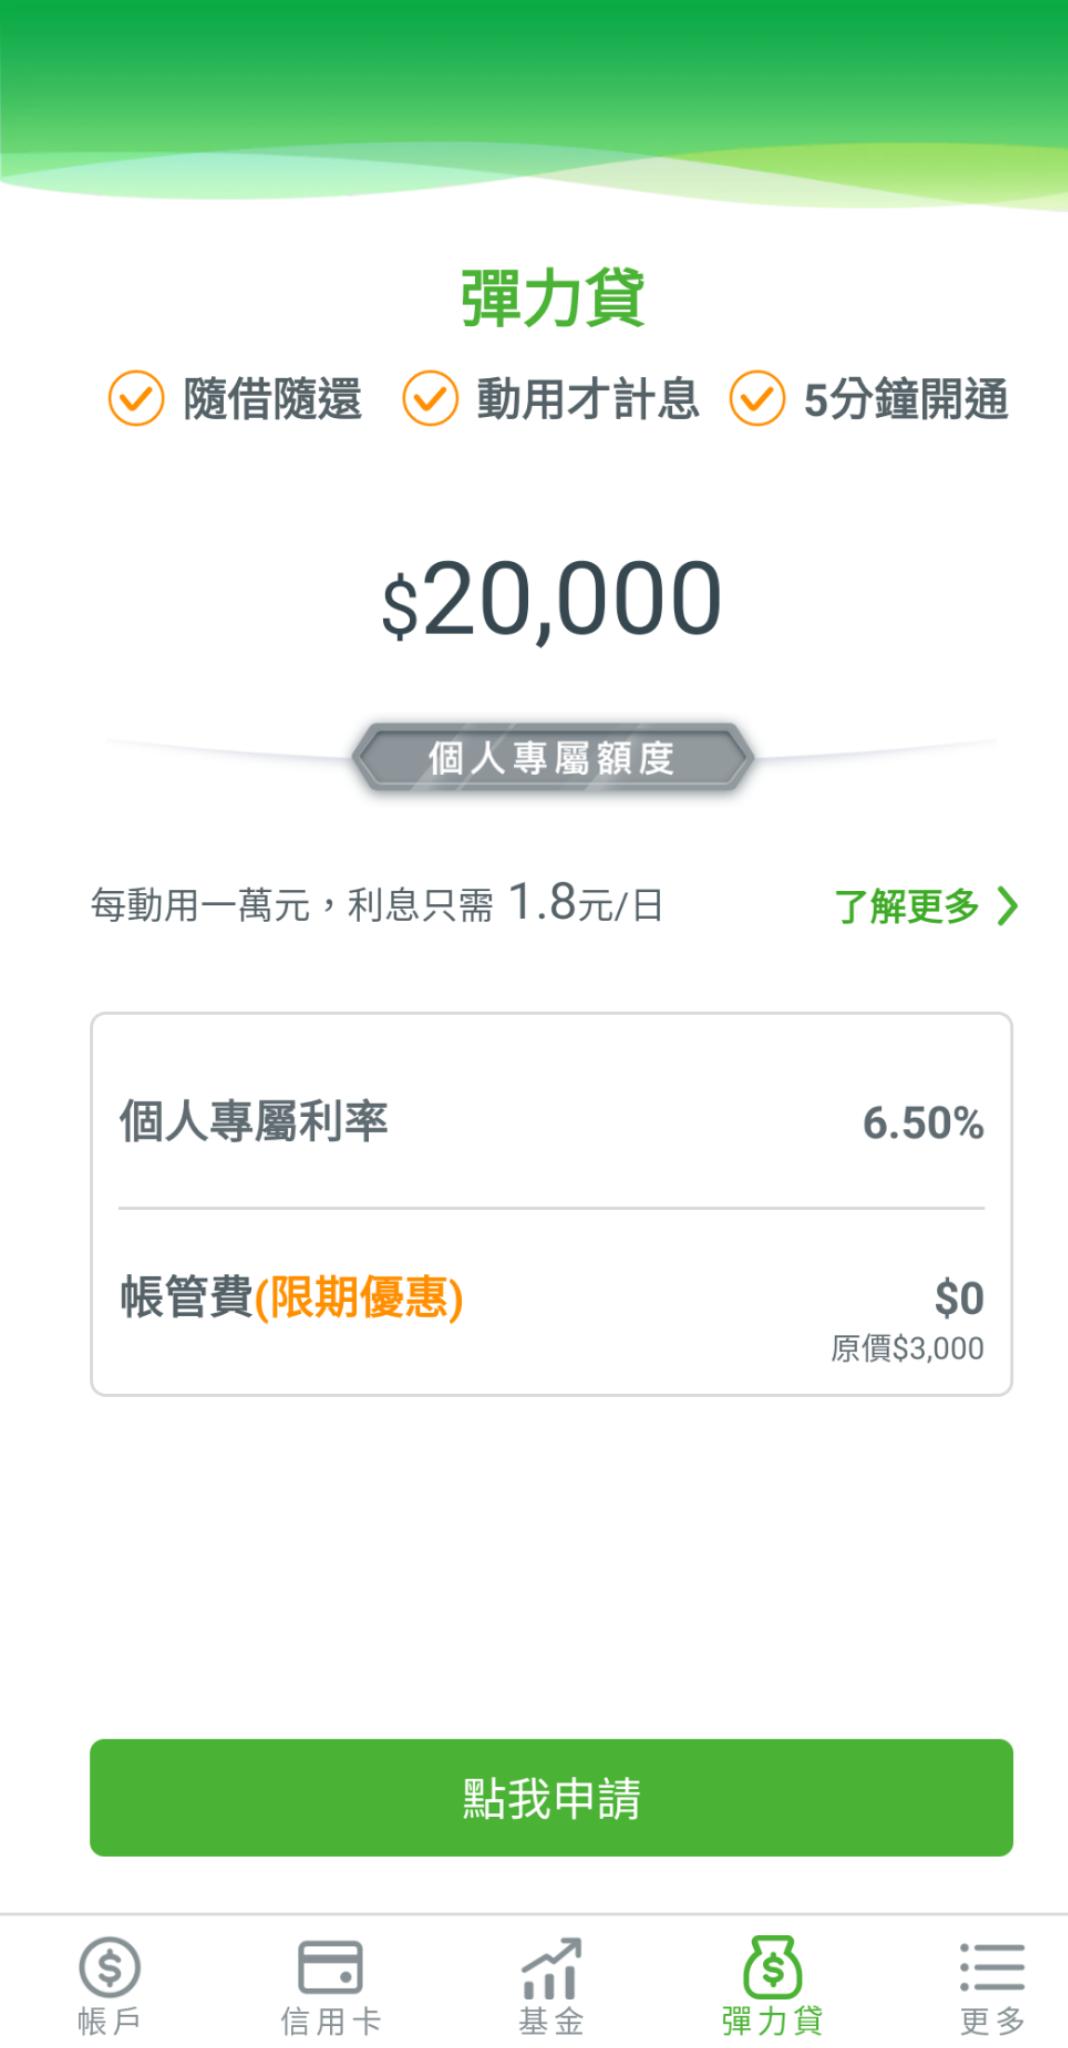 國泰世華銀行彈力貸